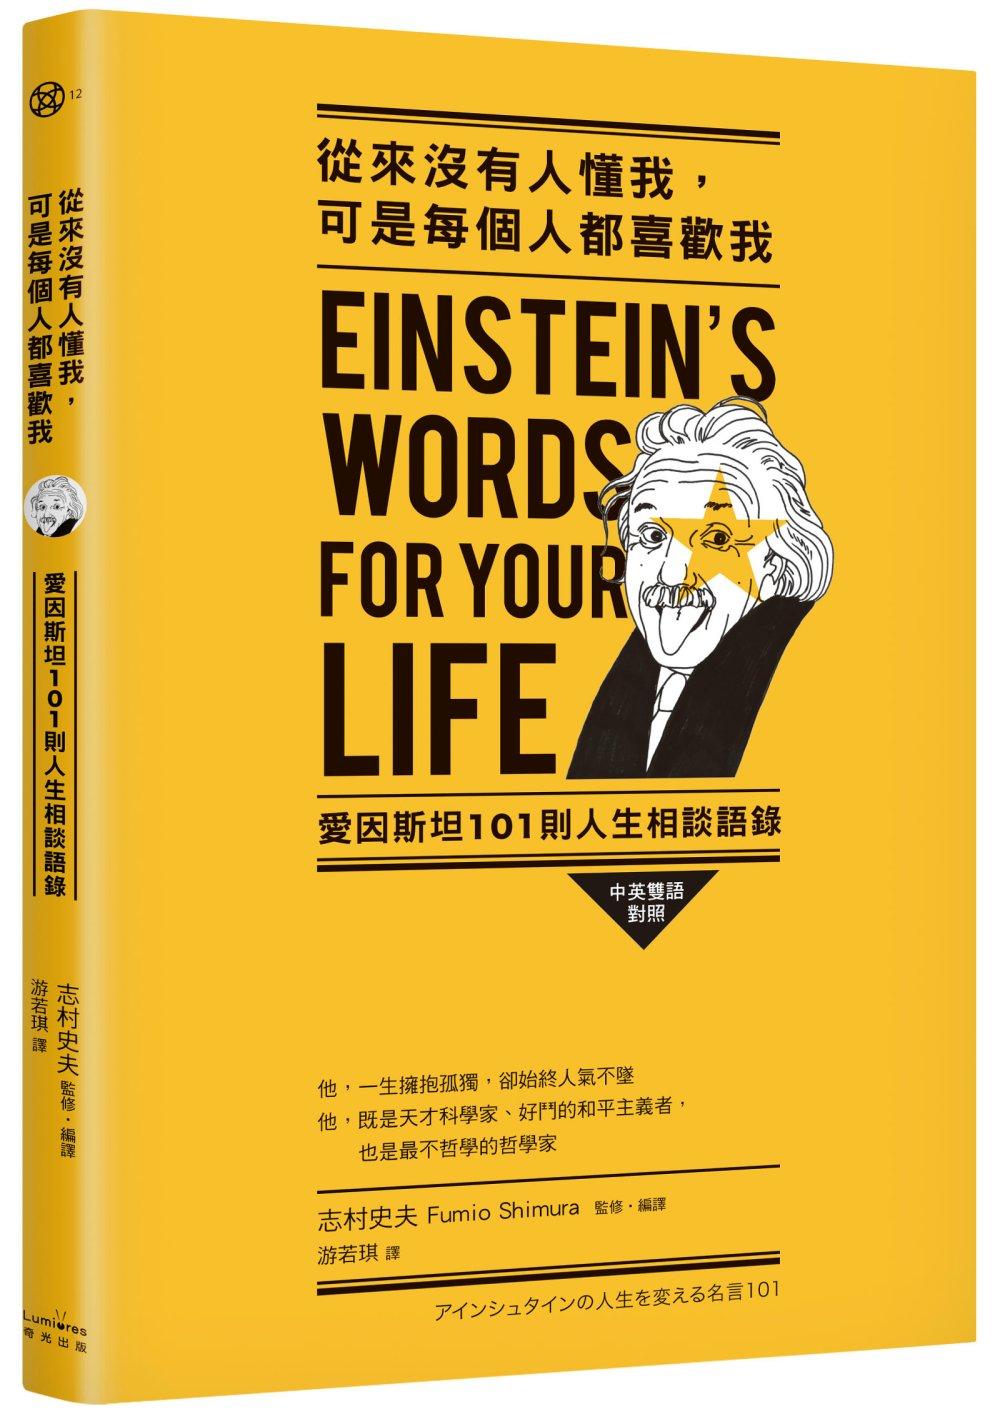 從來沒有人懂我,可是每個人都喜歡我:愛因斯坦101則人生相談語錄^(中英雙語對照^)